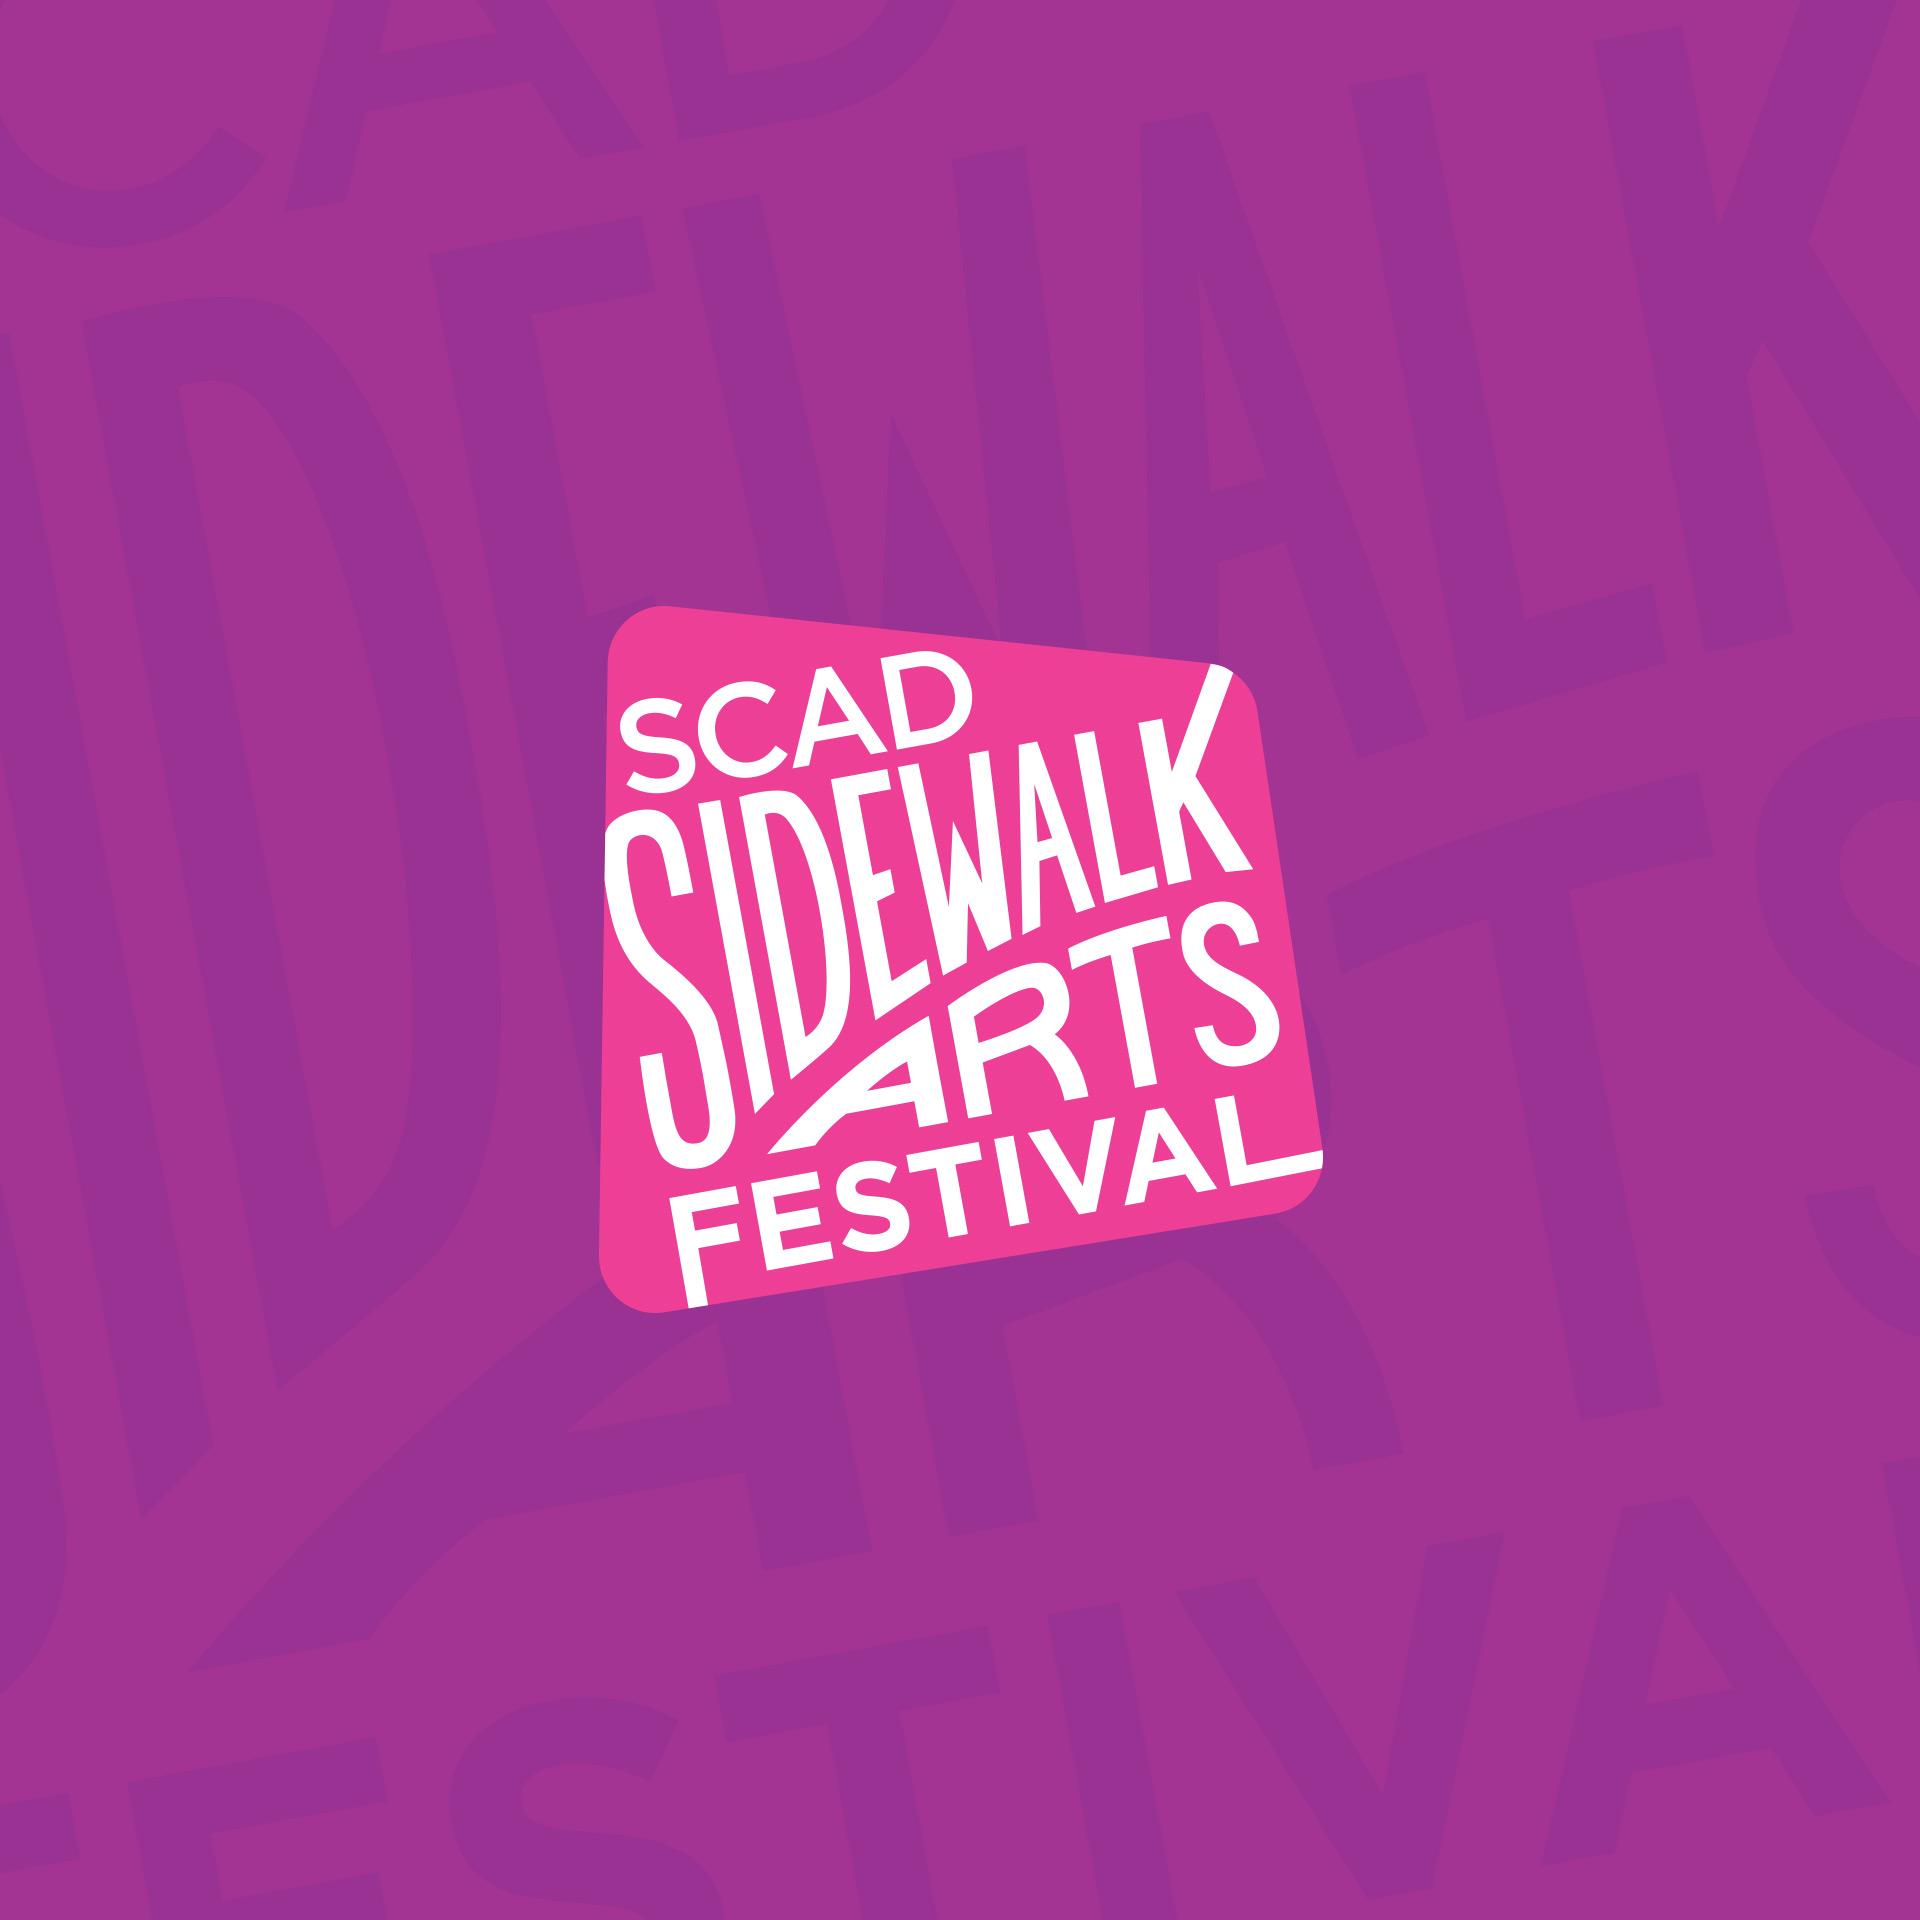 SCAD-Sidewalk-Arts-Festival-2019.jpg